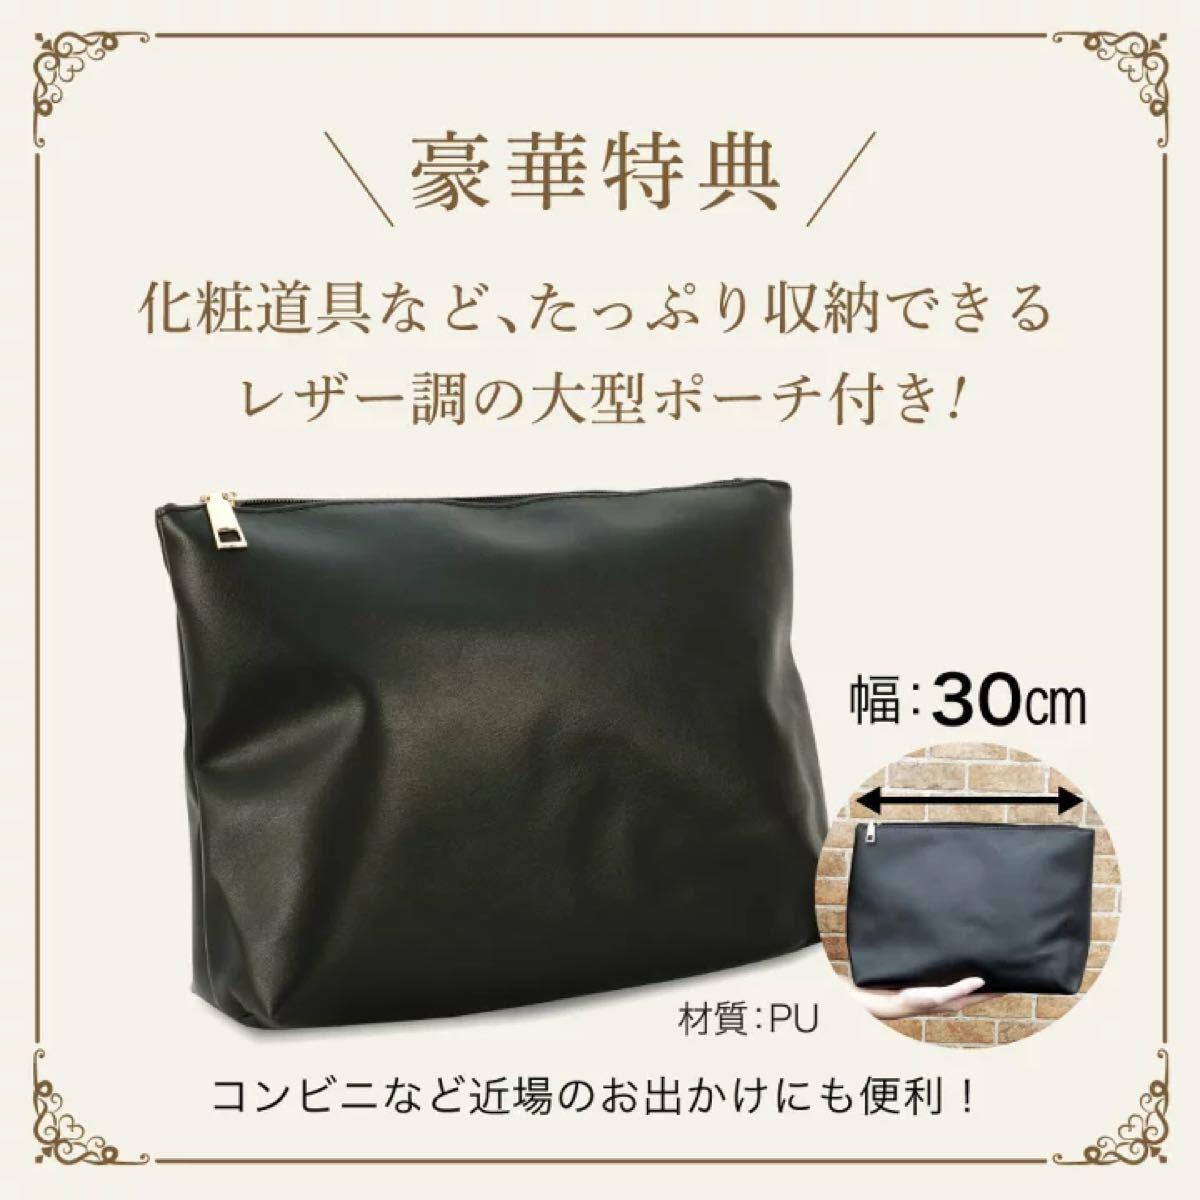 トートバッグ レザーバッグ レディースショルダーバッグ ハンドバッグ 肩掛け 2wayバッグ クラッチバッグ バッグ 可愛い